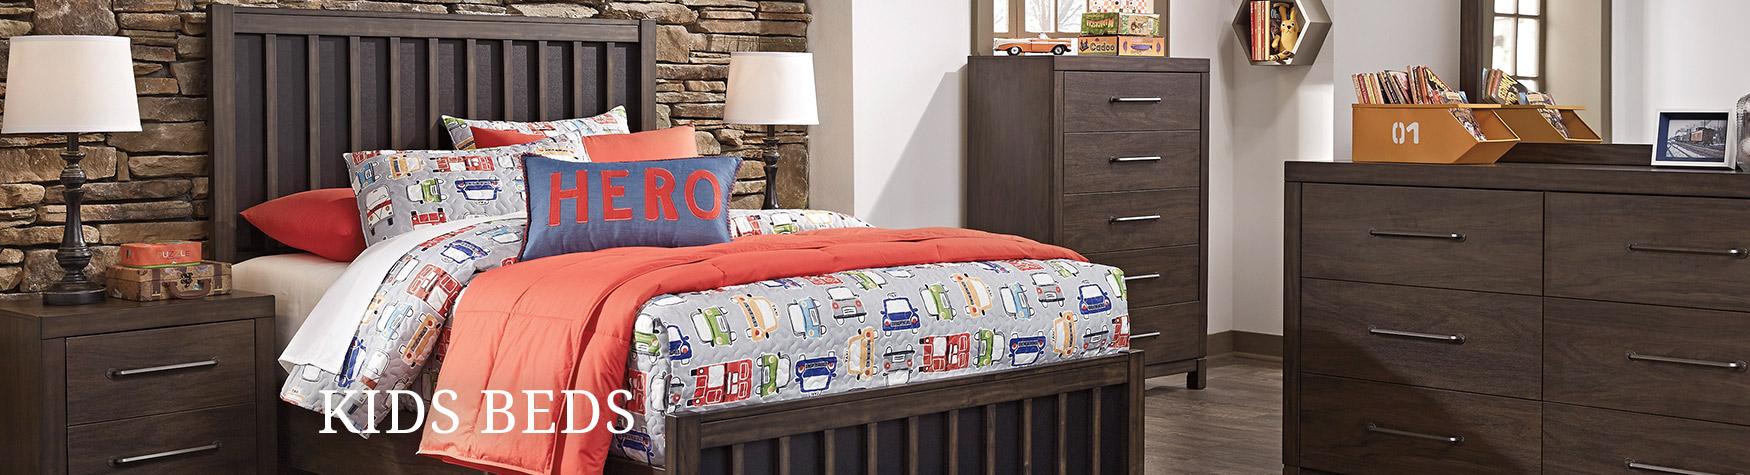 kids-beds-banner-1.jpg